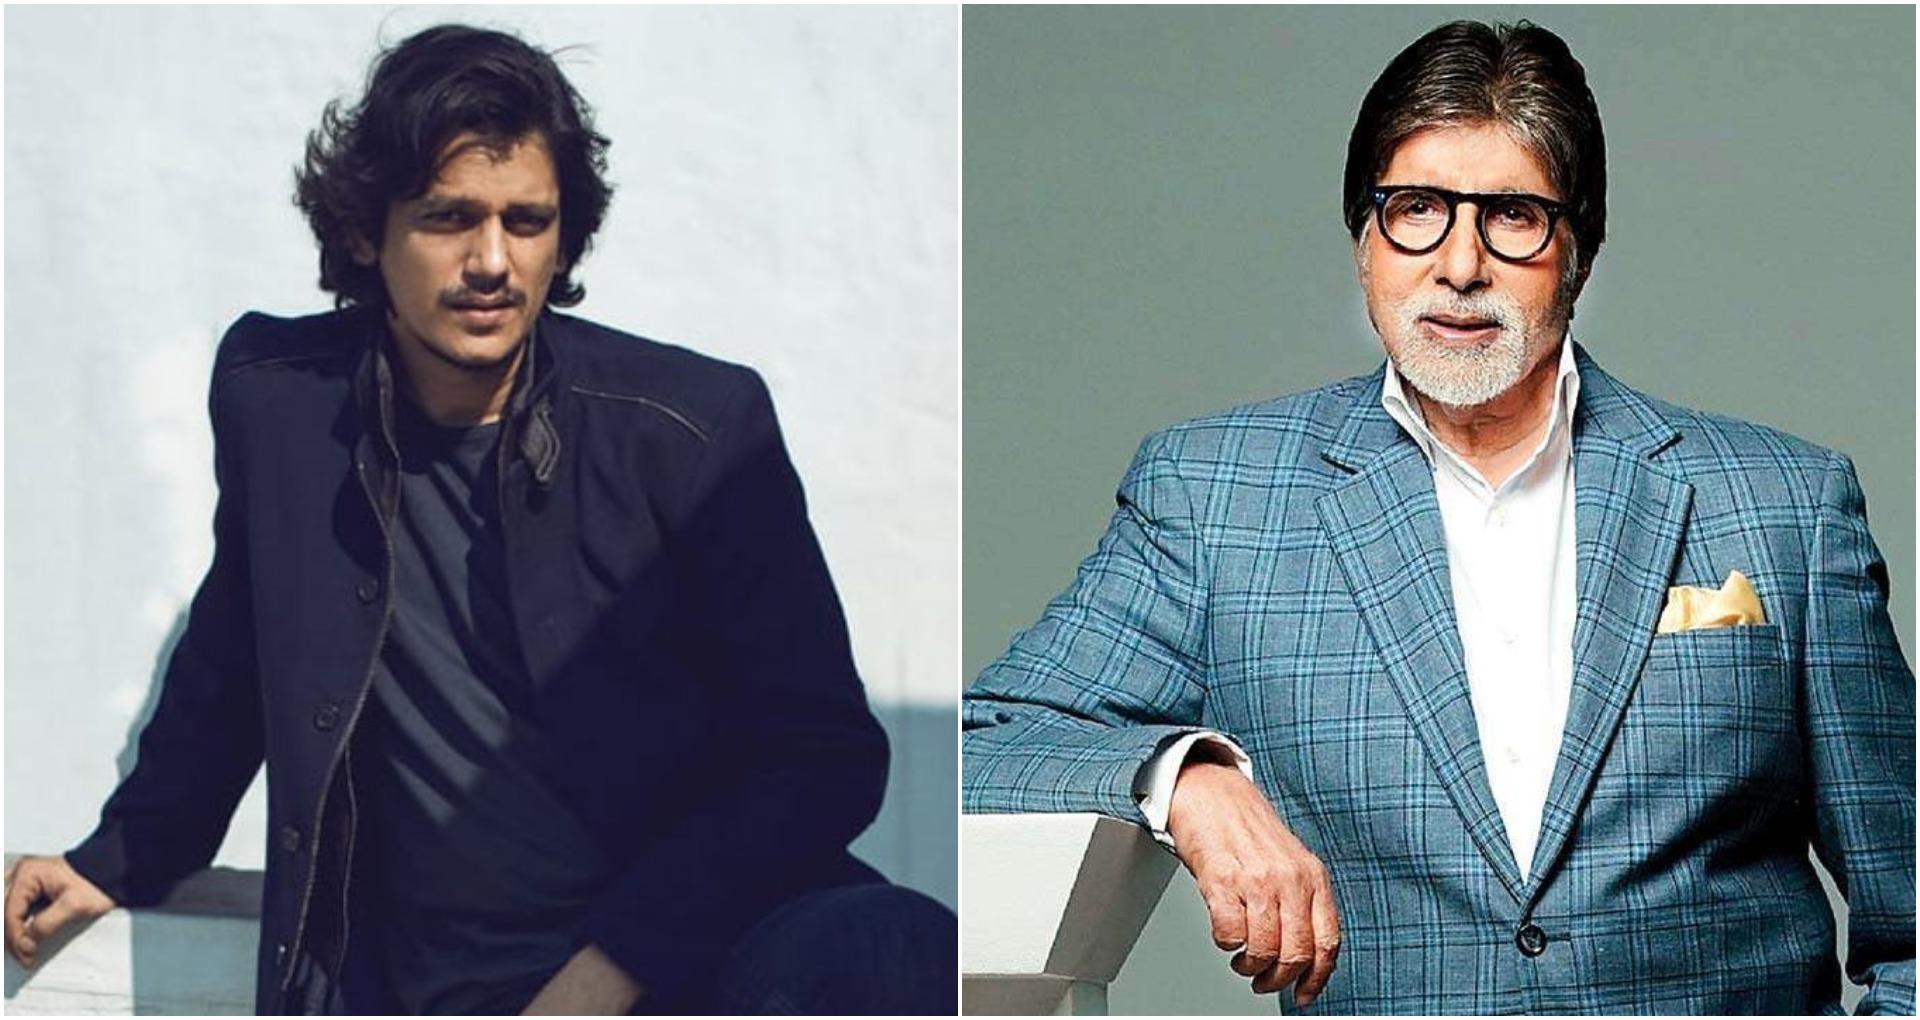 एक्सक्लूसिव: विजय वर्मा ने जब अमिताभ बच्चन से मिलाया हाथ, तो जानिए क्यों जोर-जोर से हंसने लगे महानायक?